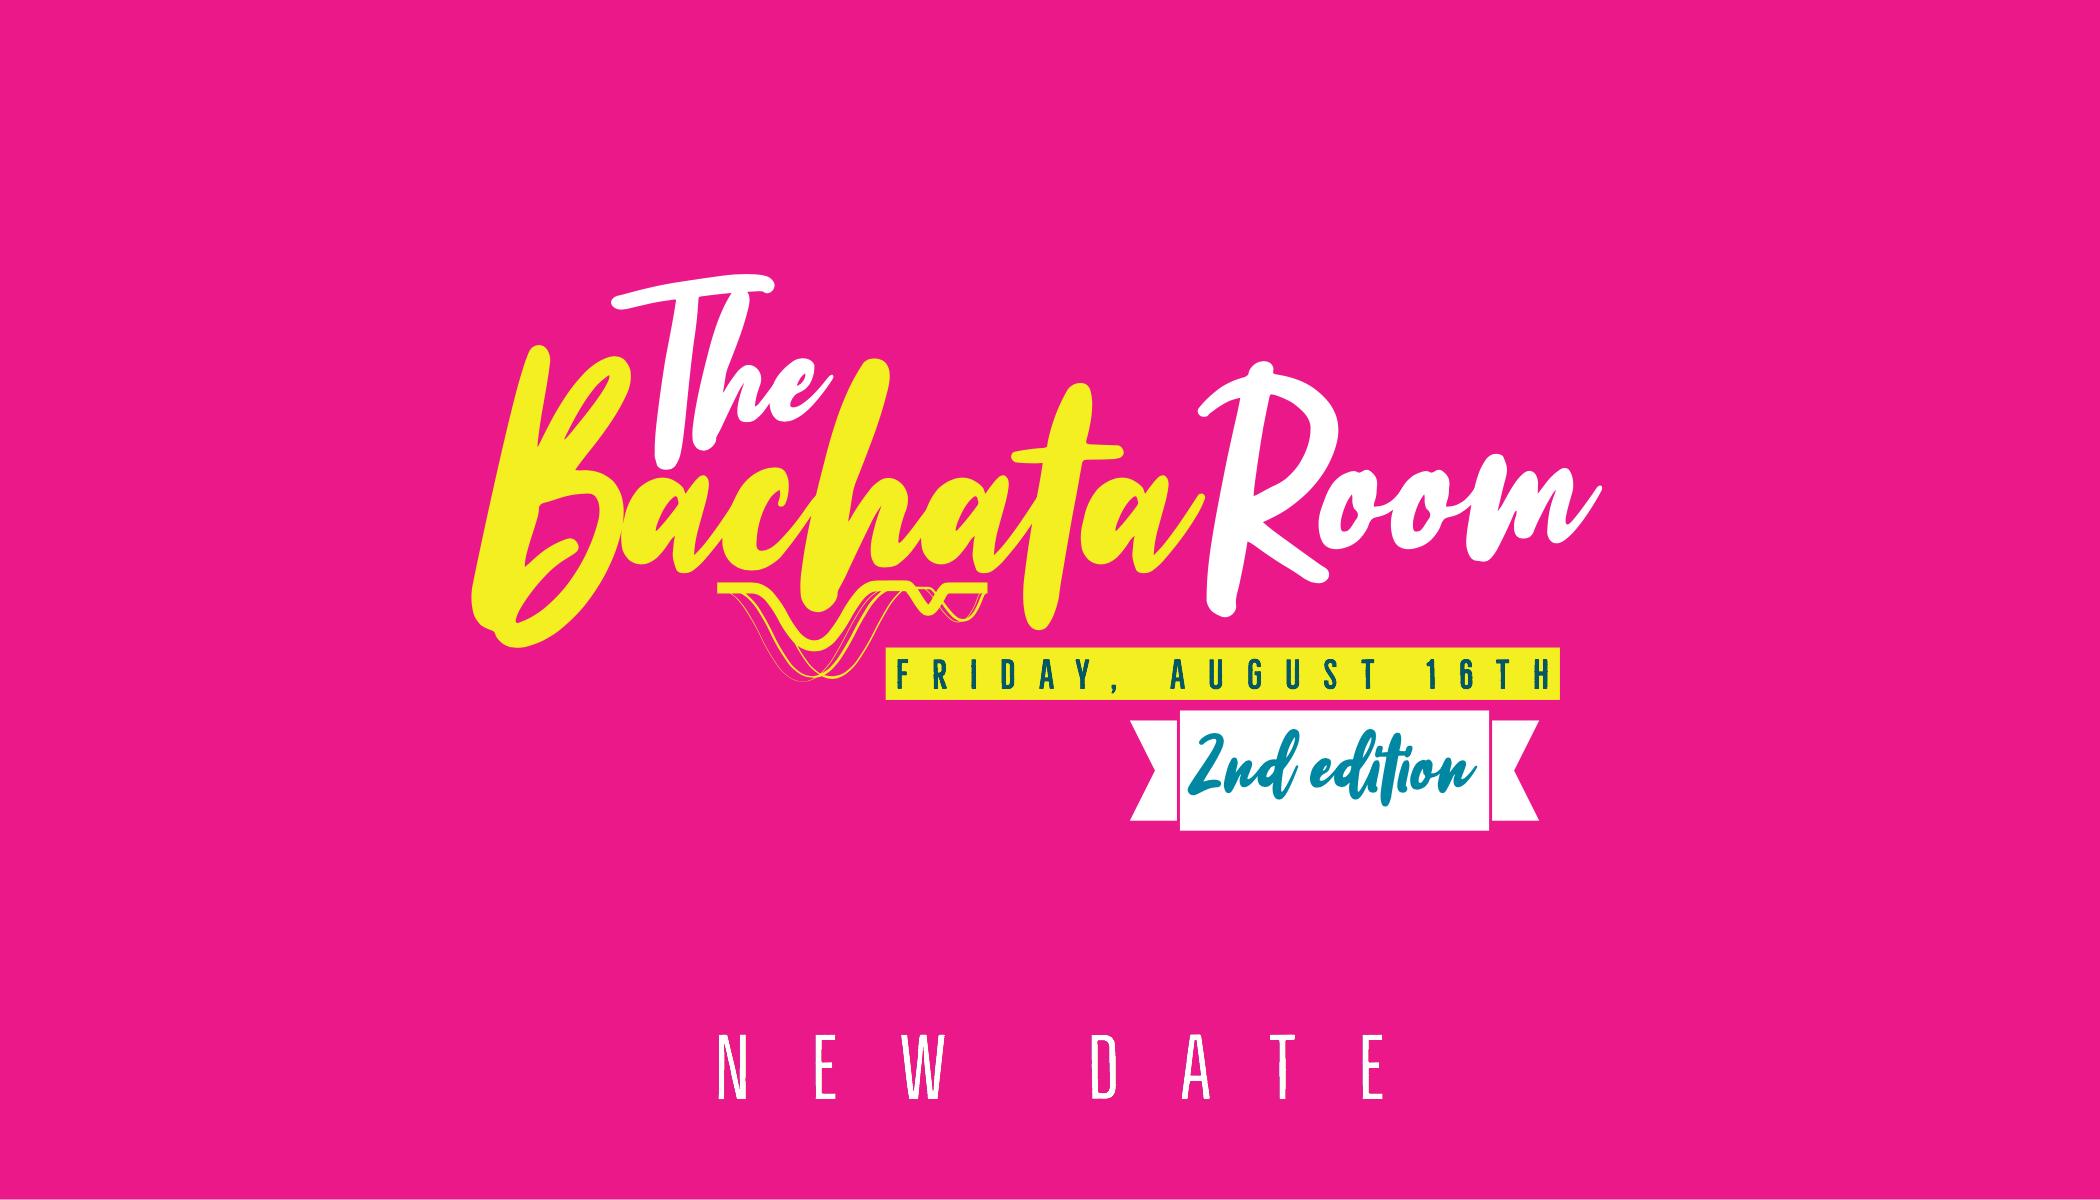 2nd Edition Bachata Room-2.png